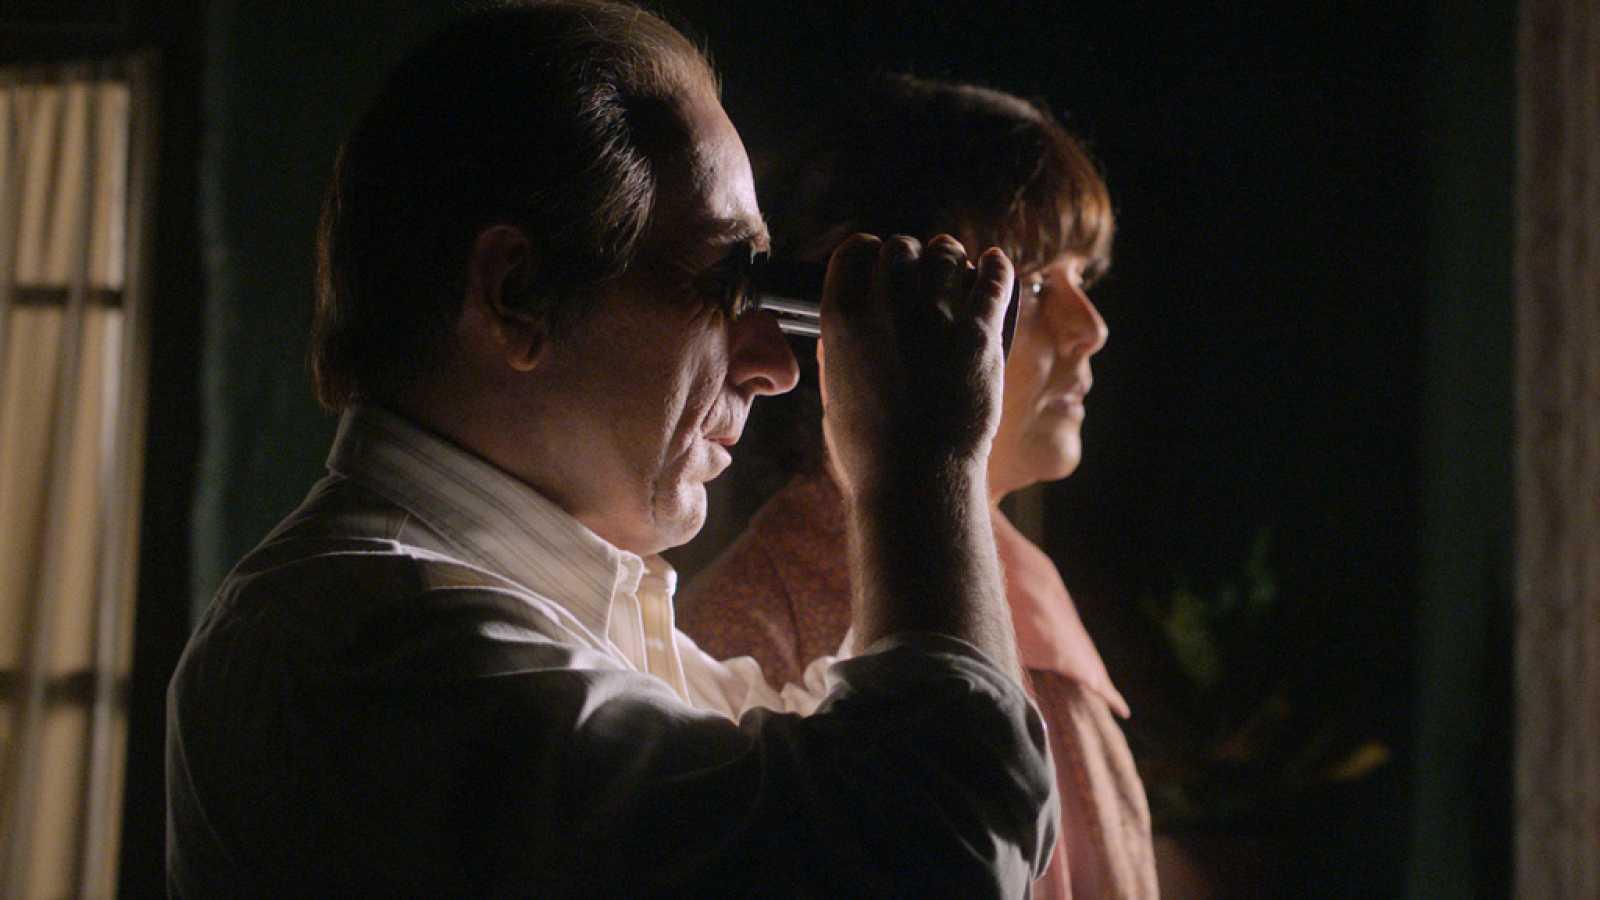 RTVE.es estrena el primer teaser de 'La trinchera infinita', de los directores de 'Handia' y 'Loreak'